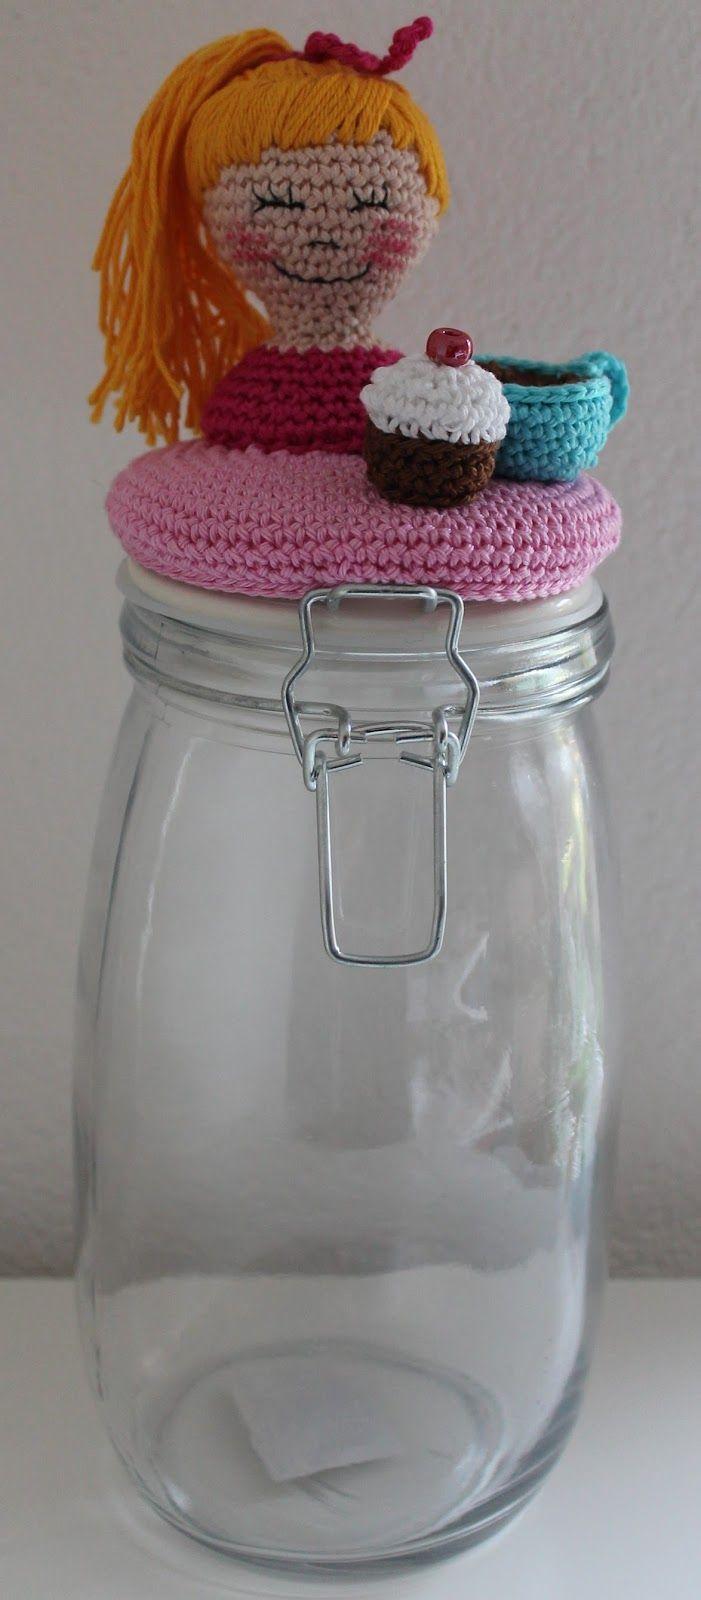 Kijk wat ik gevonden heb op Freubelweb.nl: gratis haakpatroon voor dit Dekselse Potje in Blond-stijl http://www.freubelweb.nl/freubel-zelf/zelf-maken-met-haakkatoen-deksels-potje-blond/